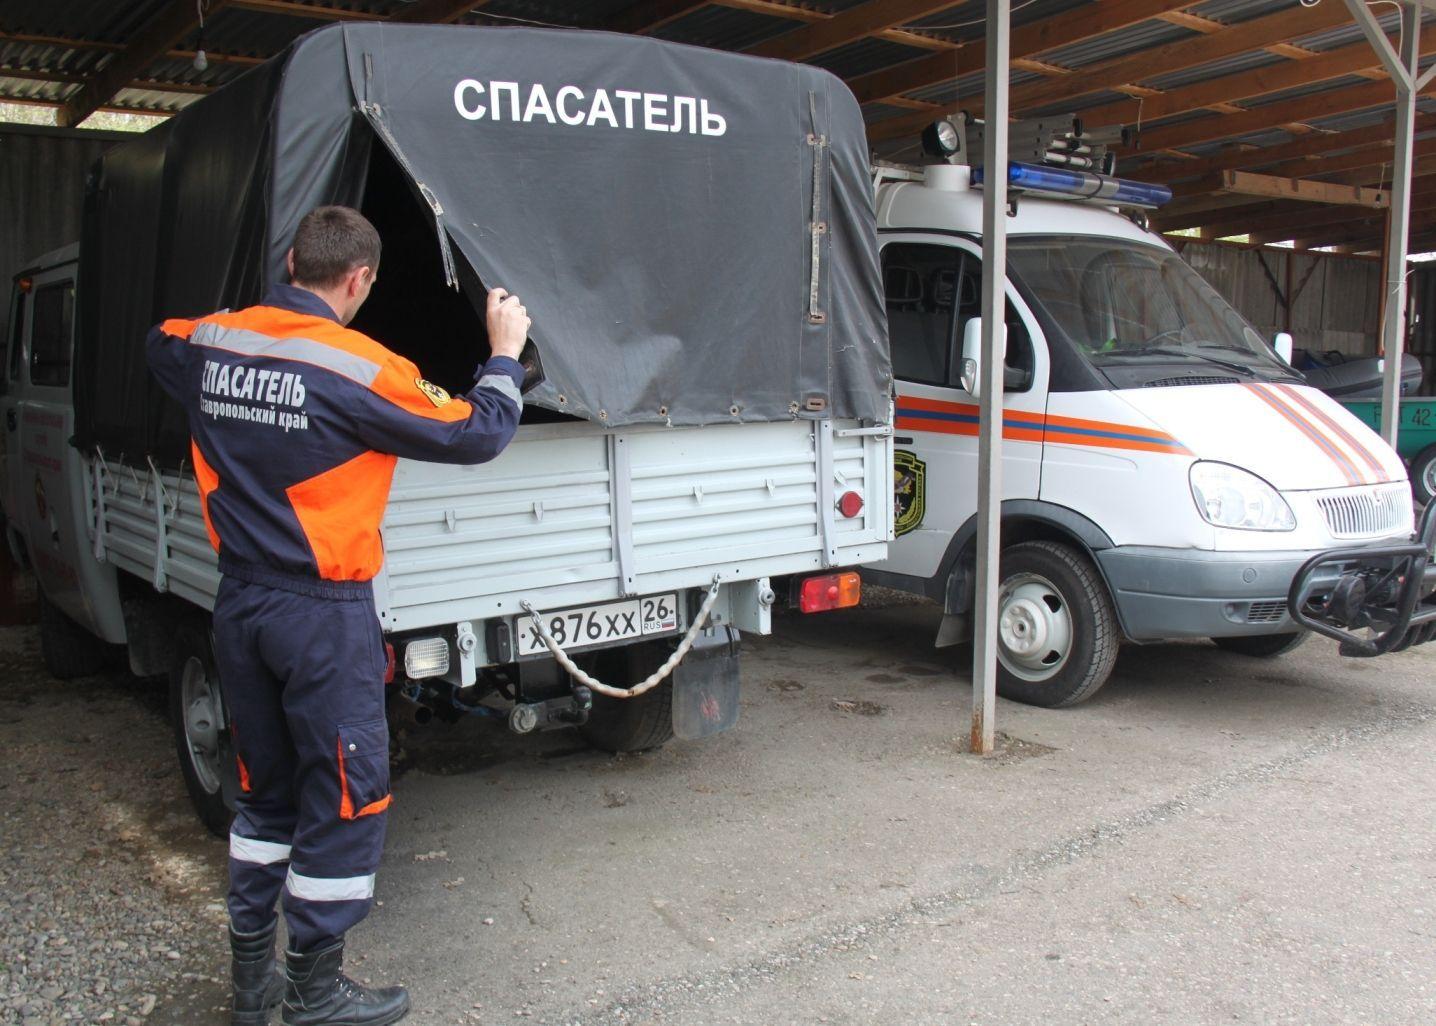 В Георгиевске спасатели помогли пожилому мужчине с травмой ноги